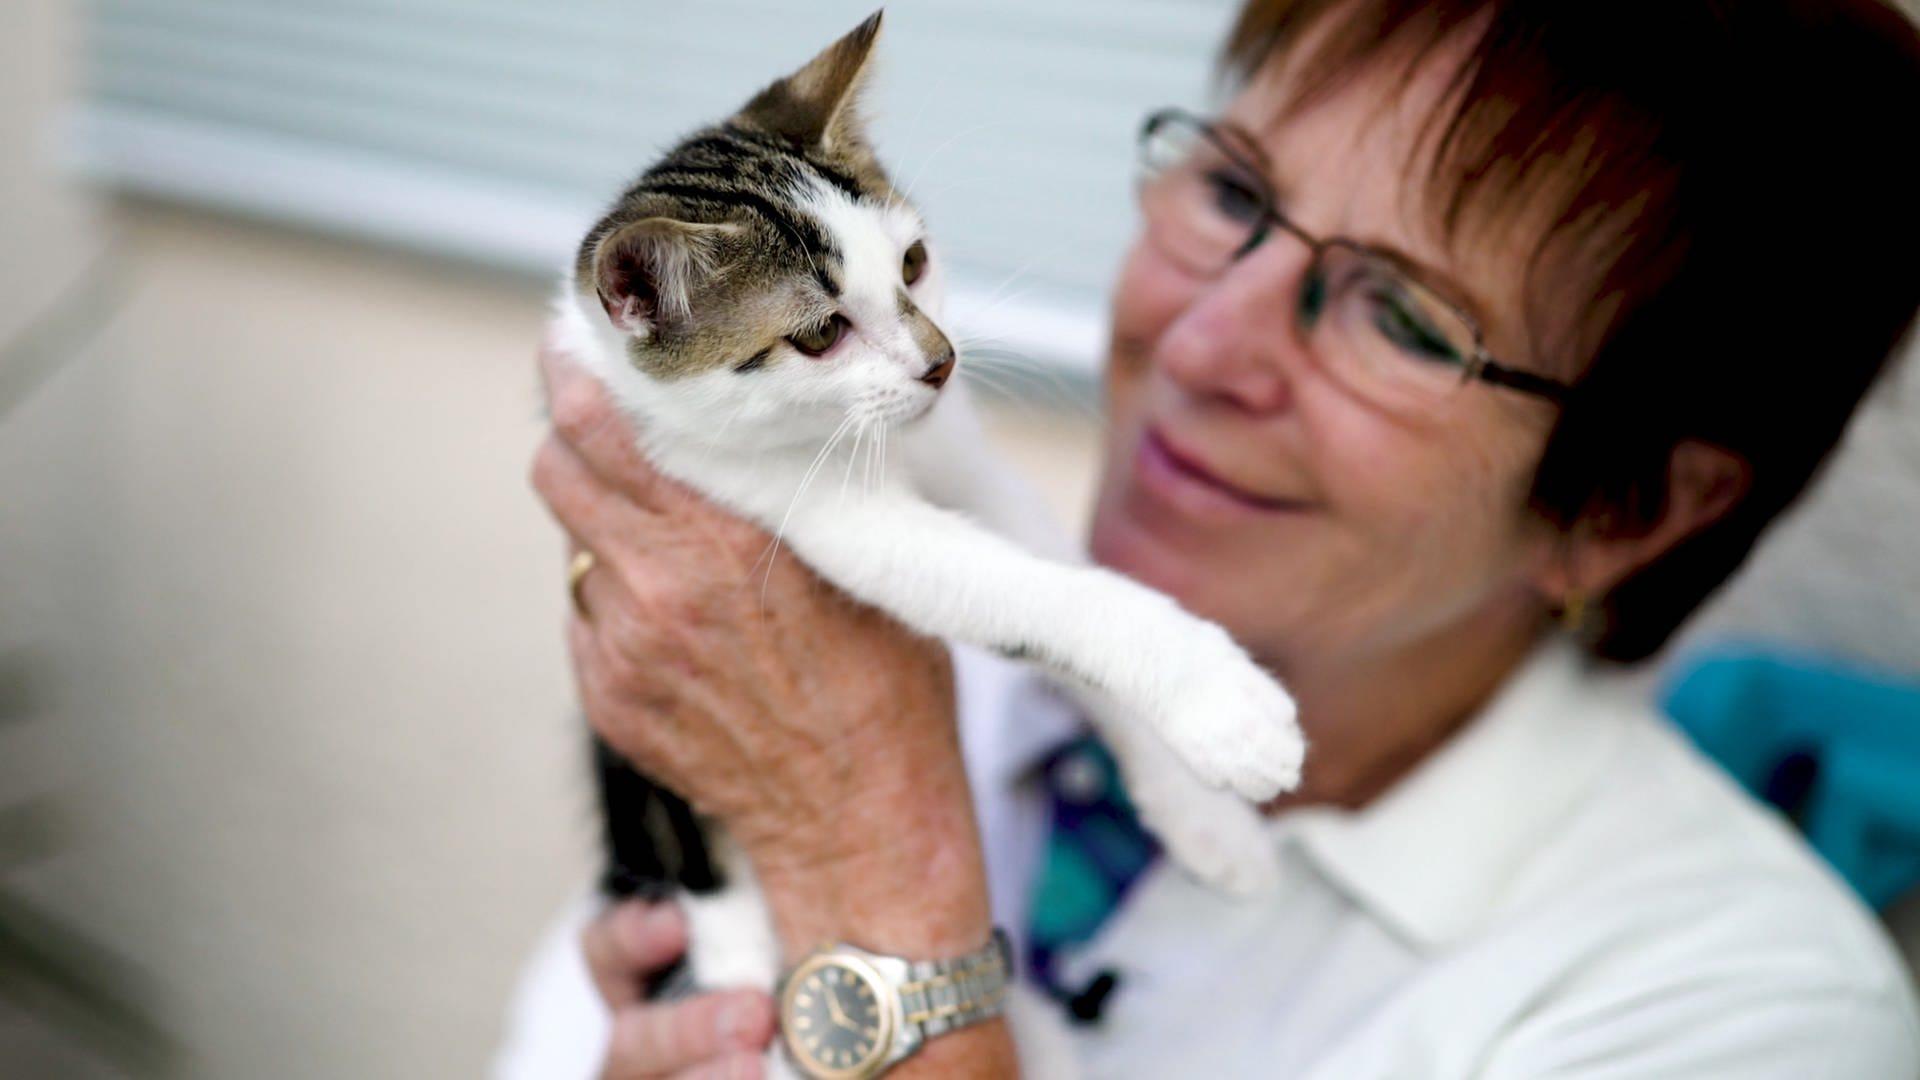 Wera von der Katzenhilfe hält eine kleine Katze in der Hand und lächelt sie an.